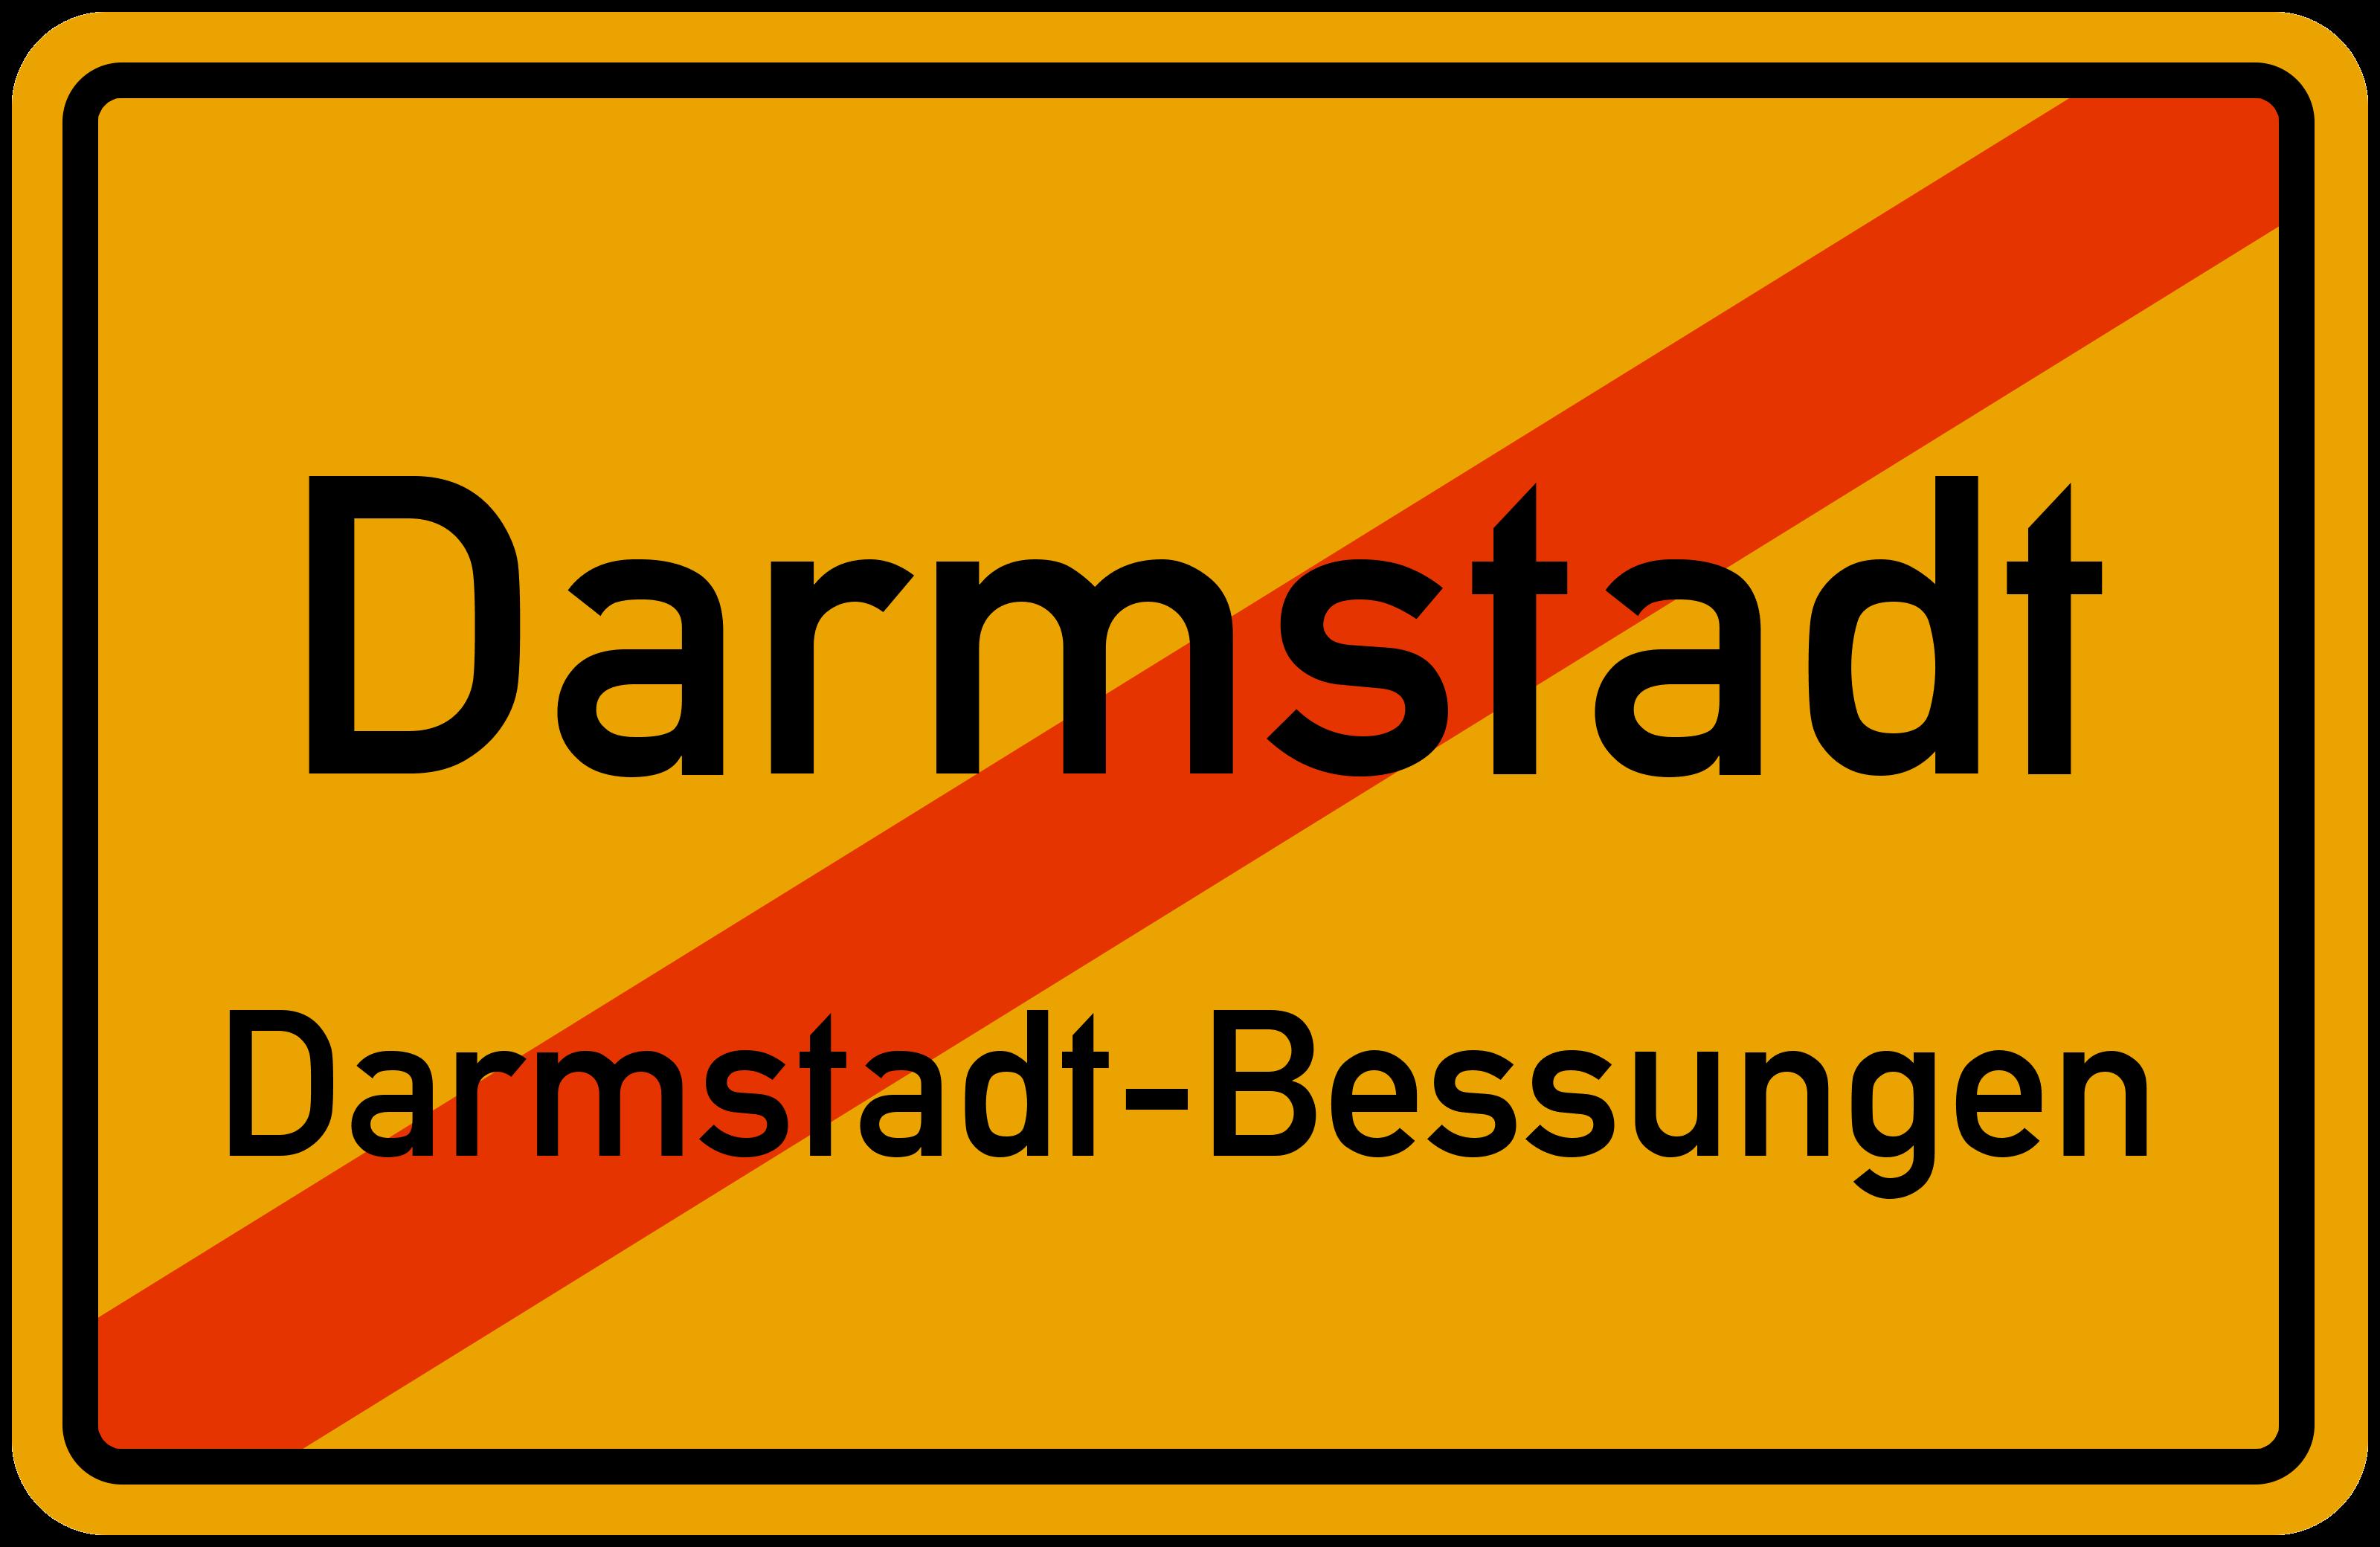 Ortsschild Darmstadt Darmstadt Bessungen Kostenlos Download Drucken